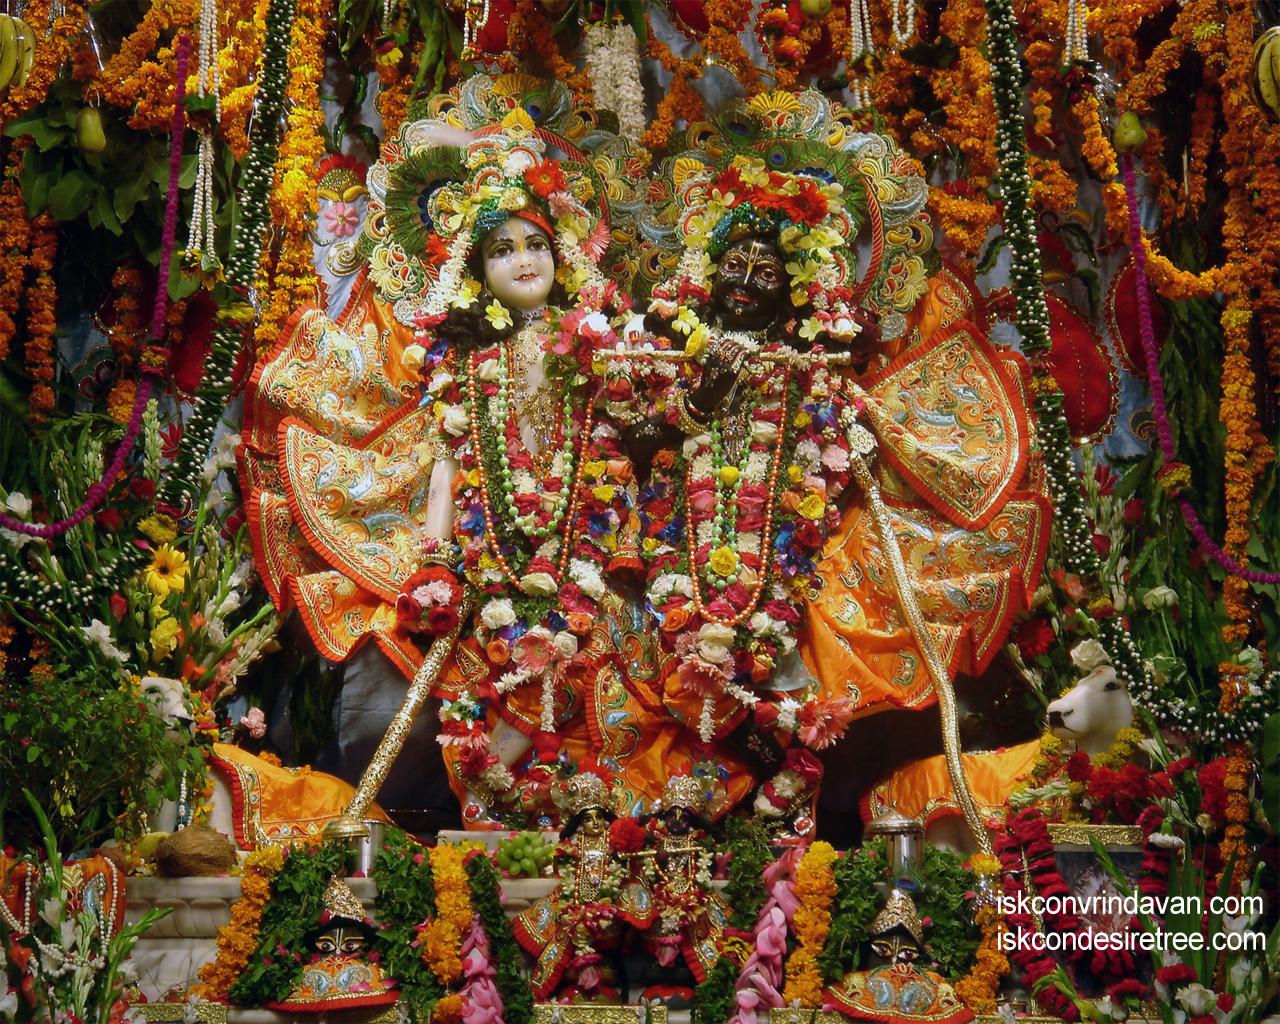 Sri Sri Krishna Balaram Wallpaper (014) Size 1280x1024 Download